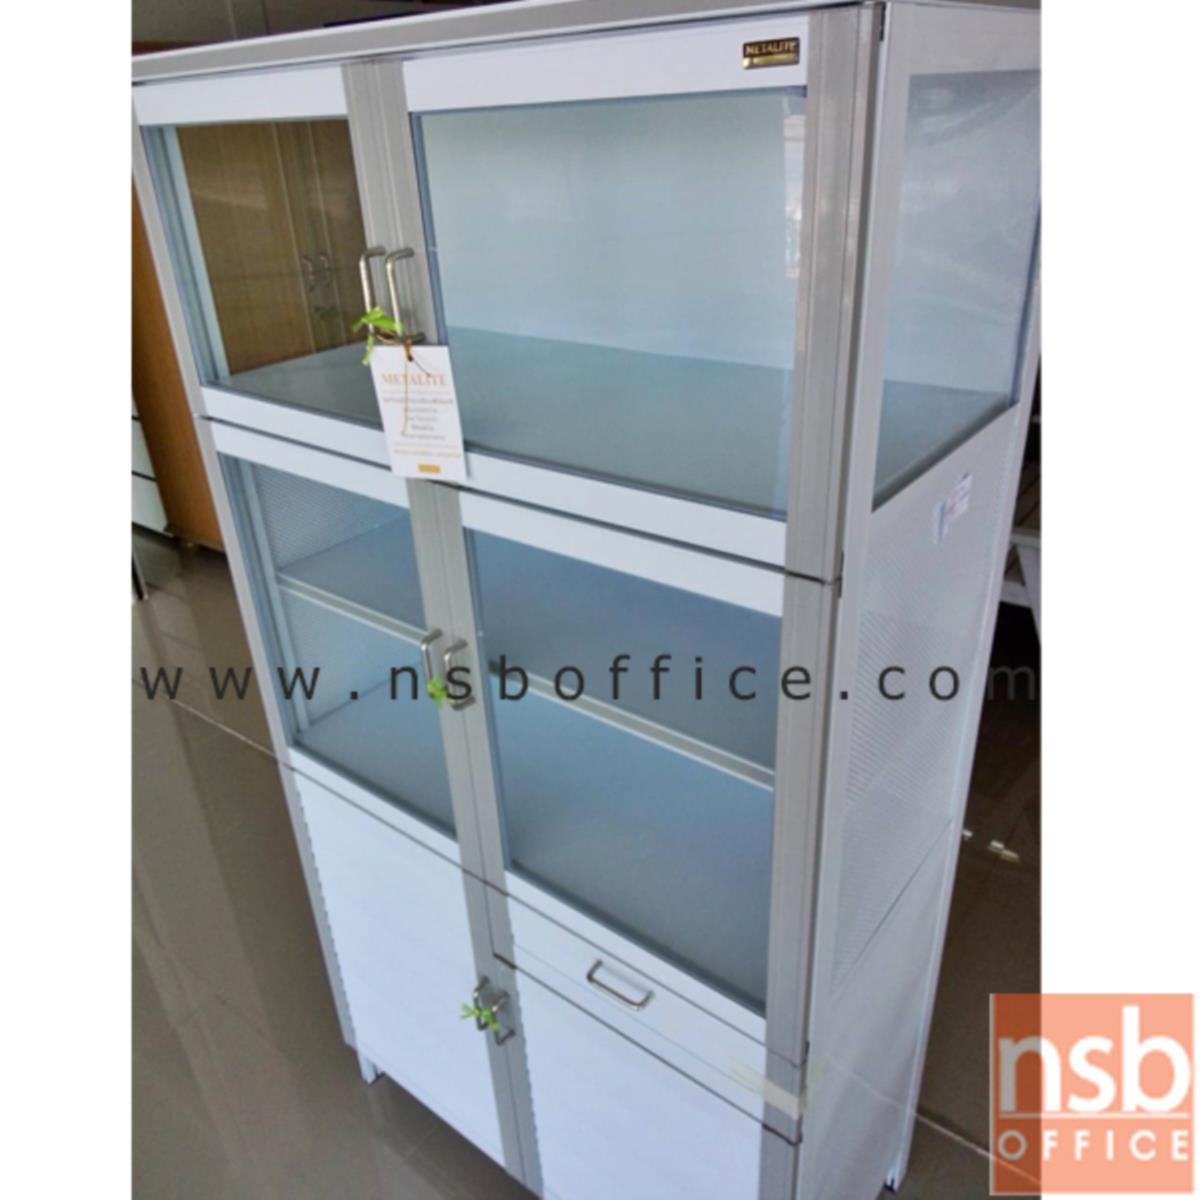 ตู้กับข้าวอลูมิเนียม 1 ลิ้นชัก 4 บานเปิดกระจก 2 บานเกล็ด  ขนาด 90W*47D*170H cm.